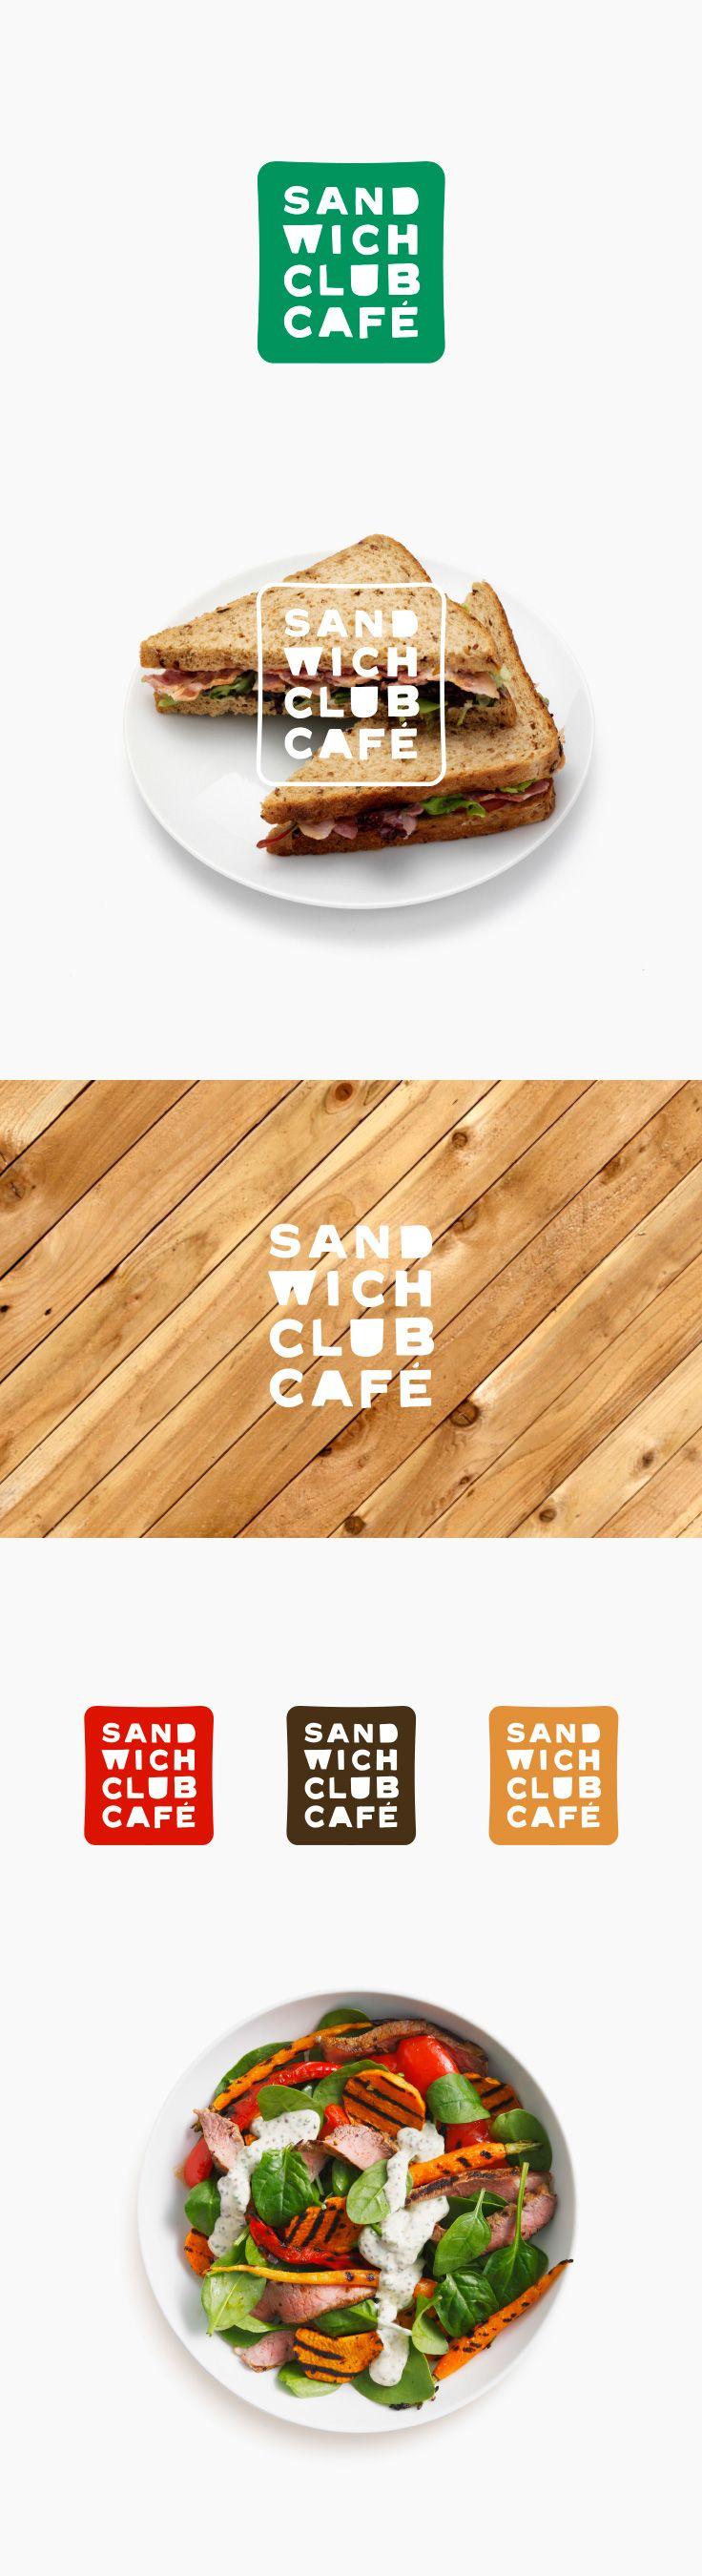 Sandwich Club Cafe new logo design by Soda Comunicacion a Madrid based studio.